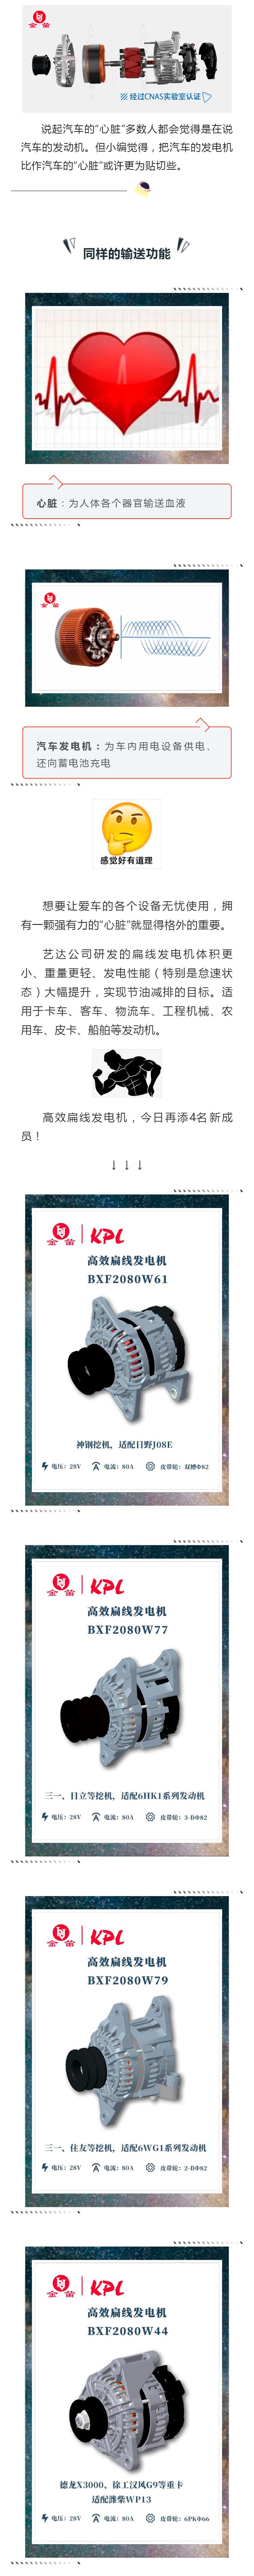 微信图片_20200727143628.jpg